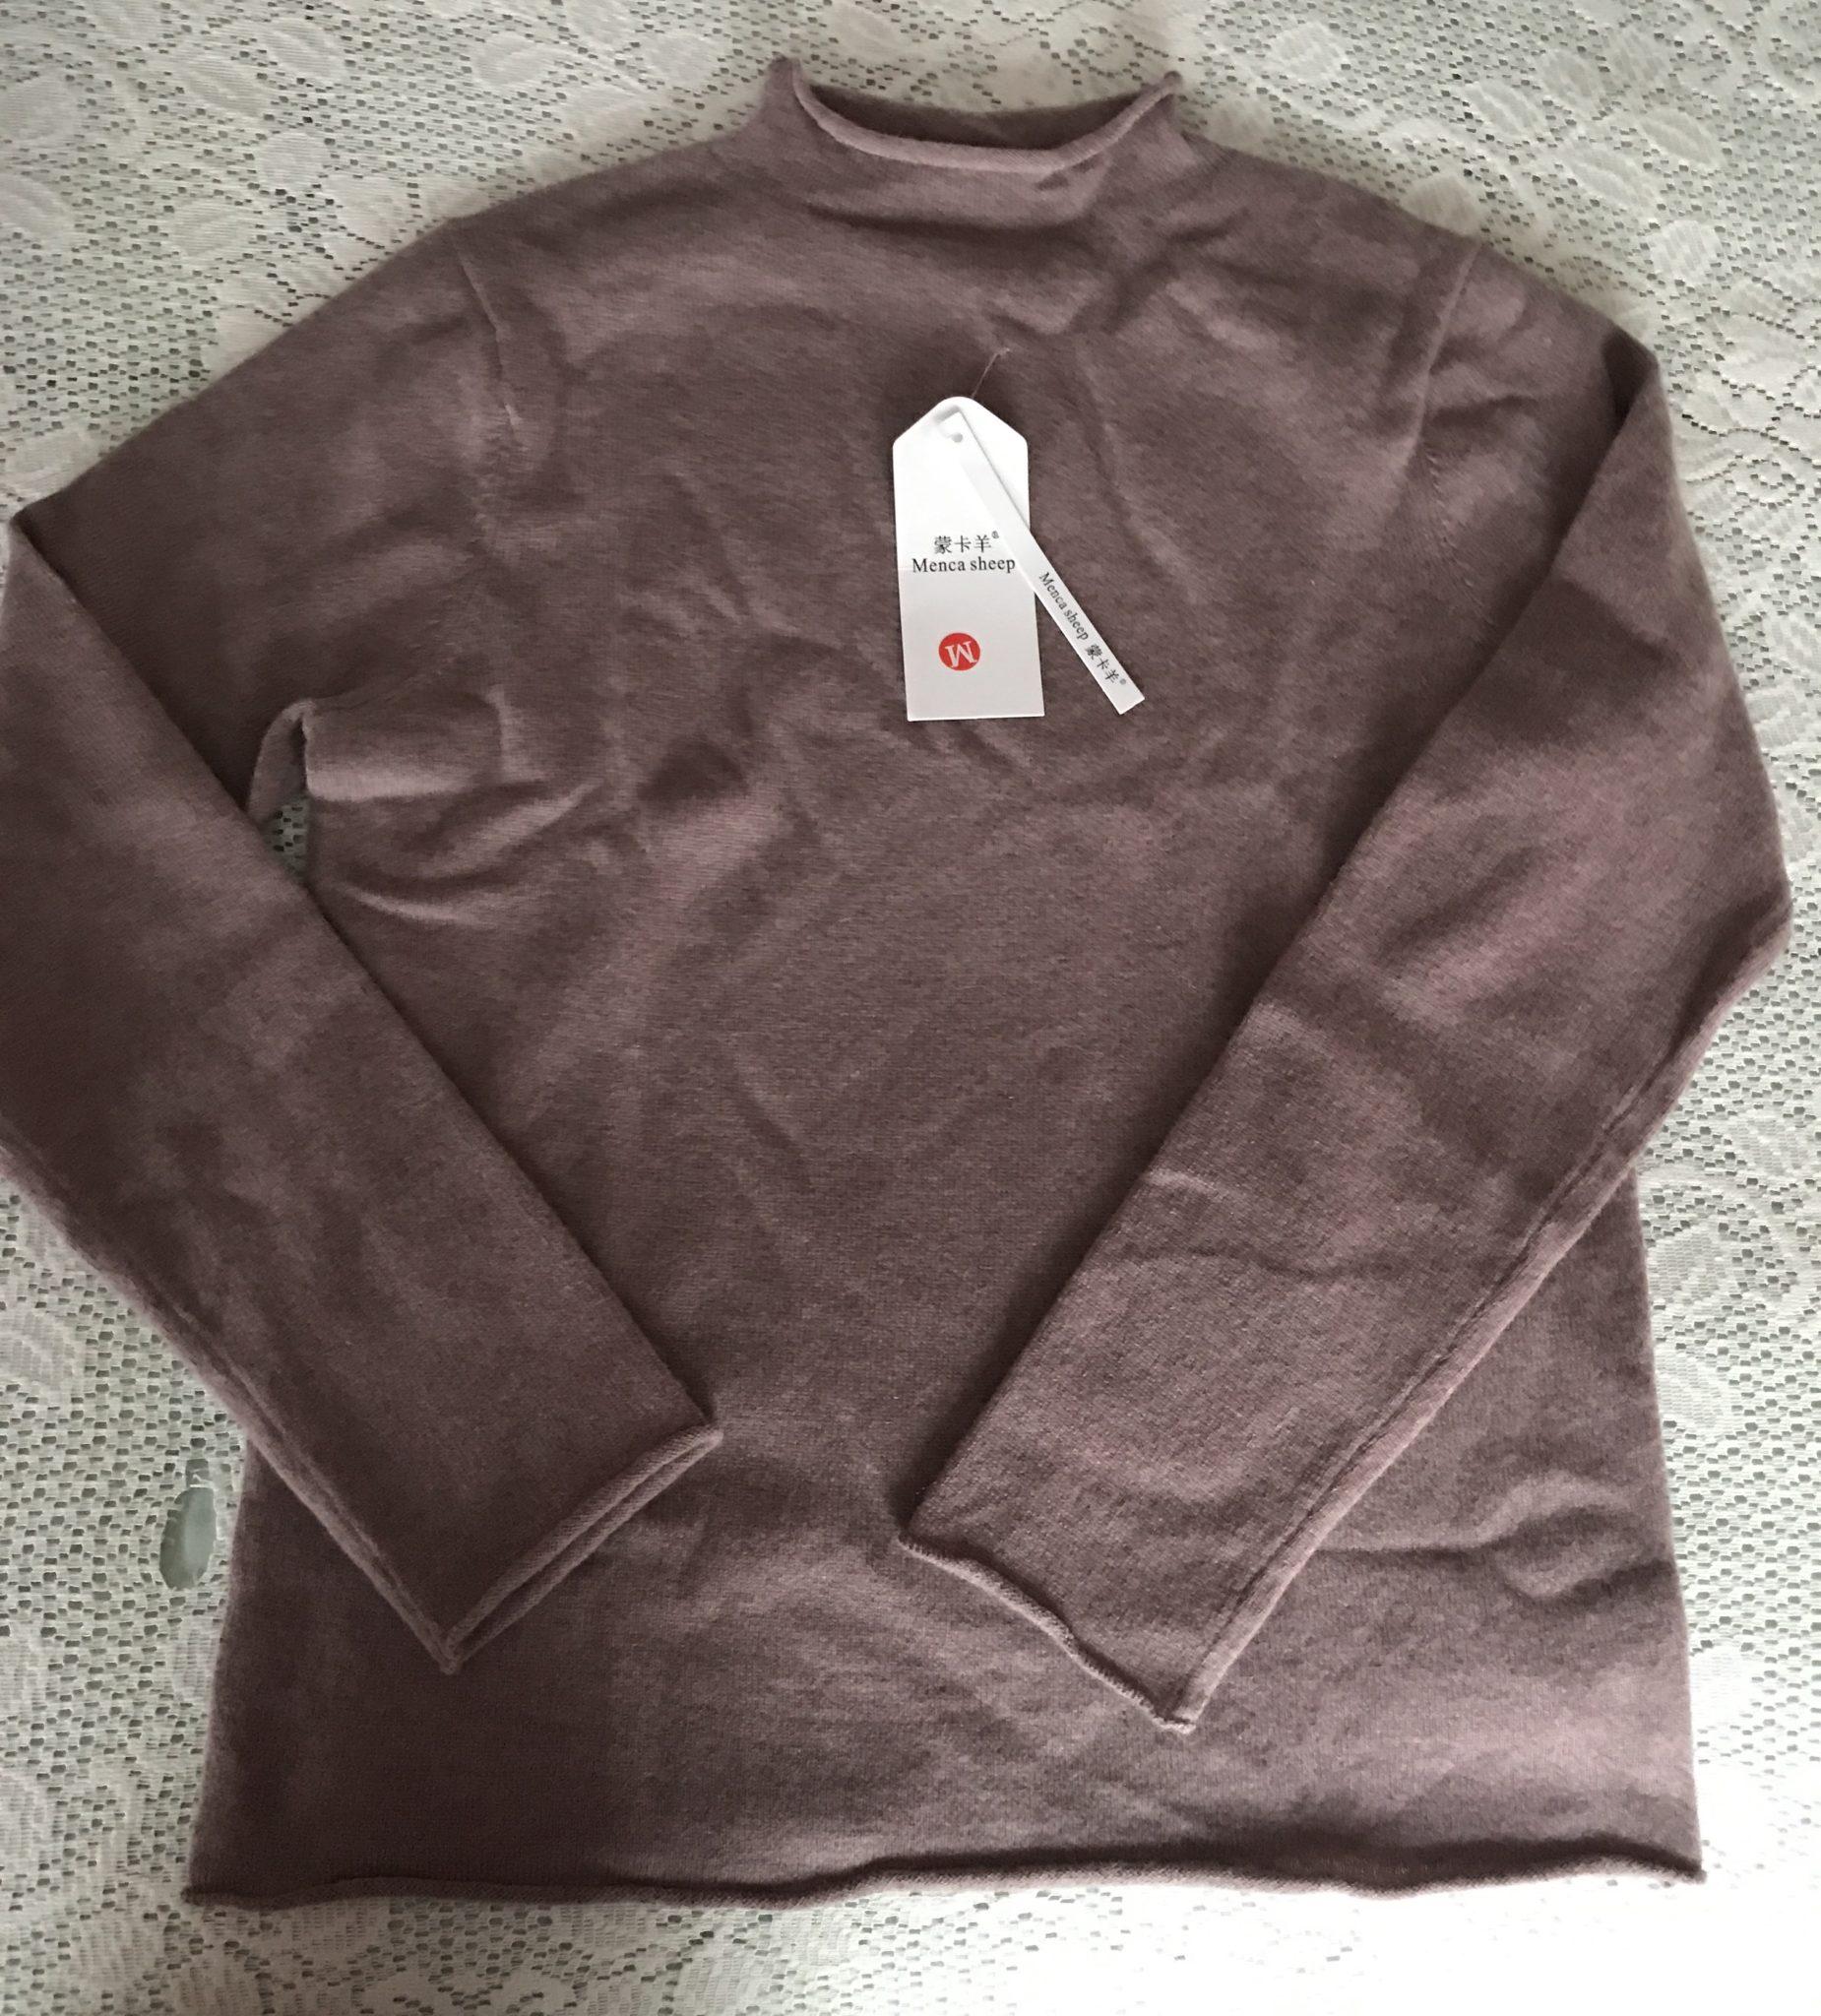 pull en cachemire à col roulé, manches et bas mauve-chiné du détaillant chinois Janeswear.com